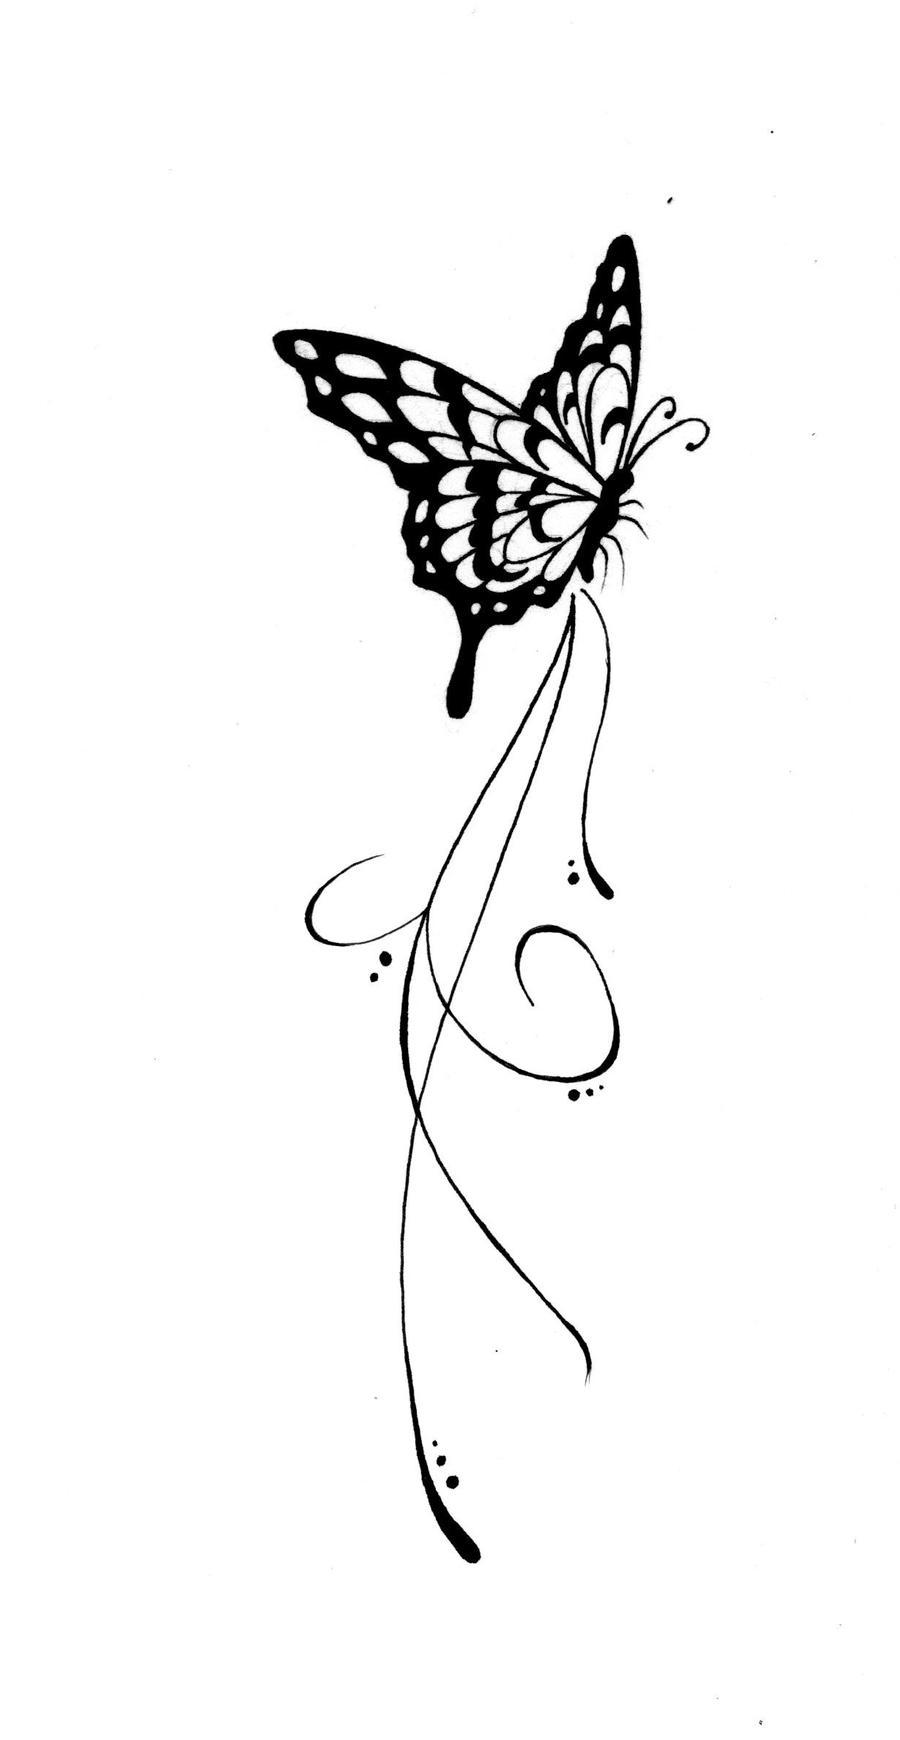 Butterfly tattoo 3 by kauniitaunia on deviantart - Tatouage de papillon ...